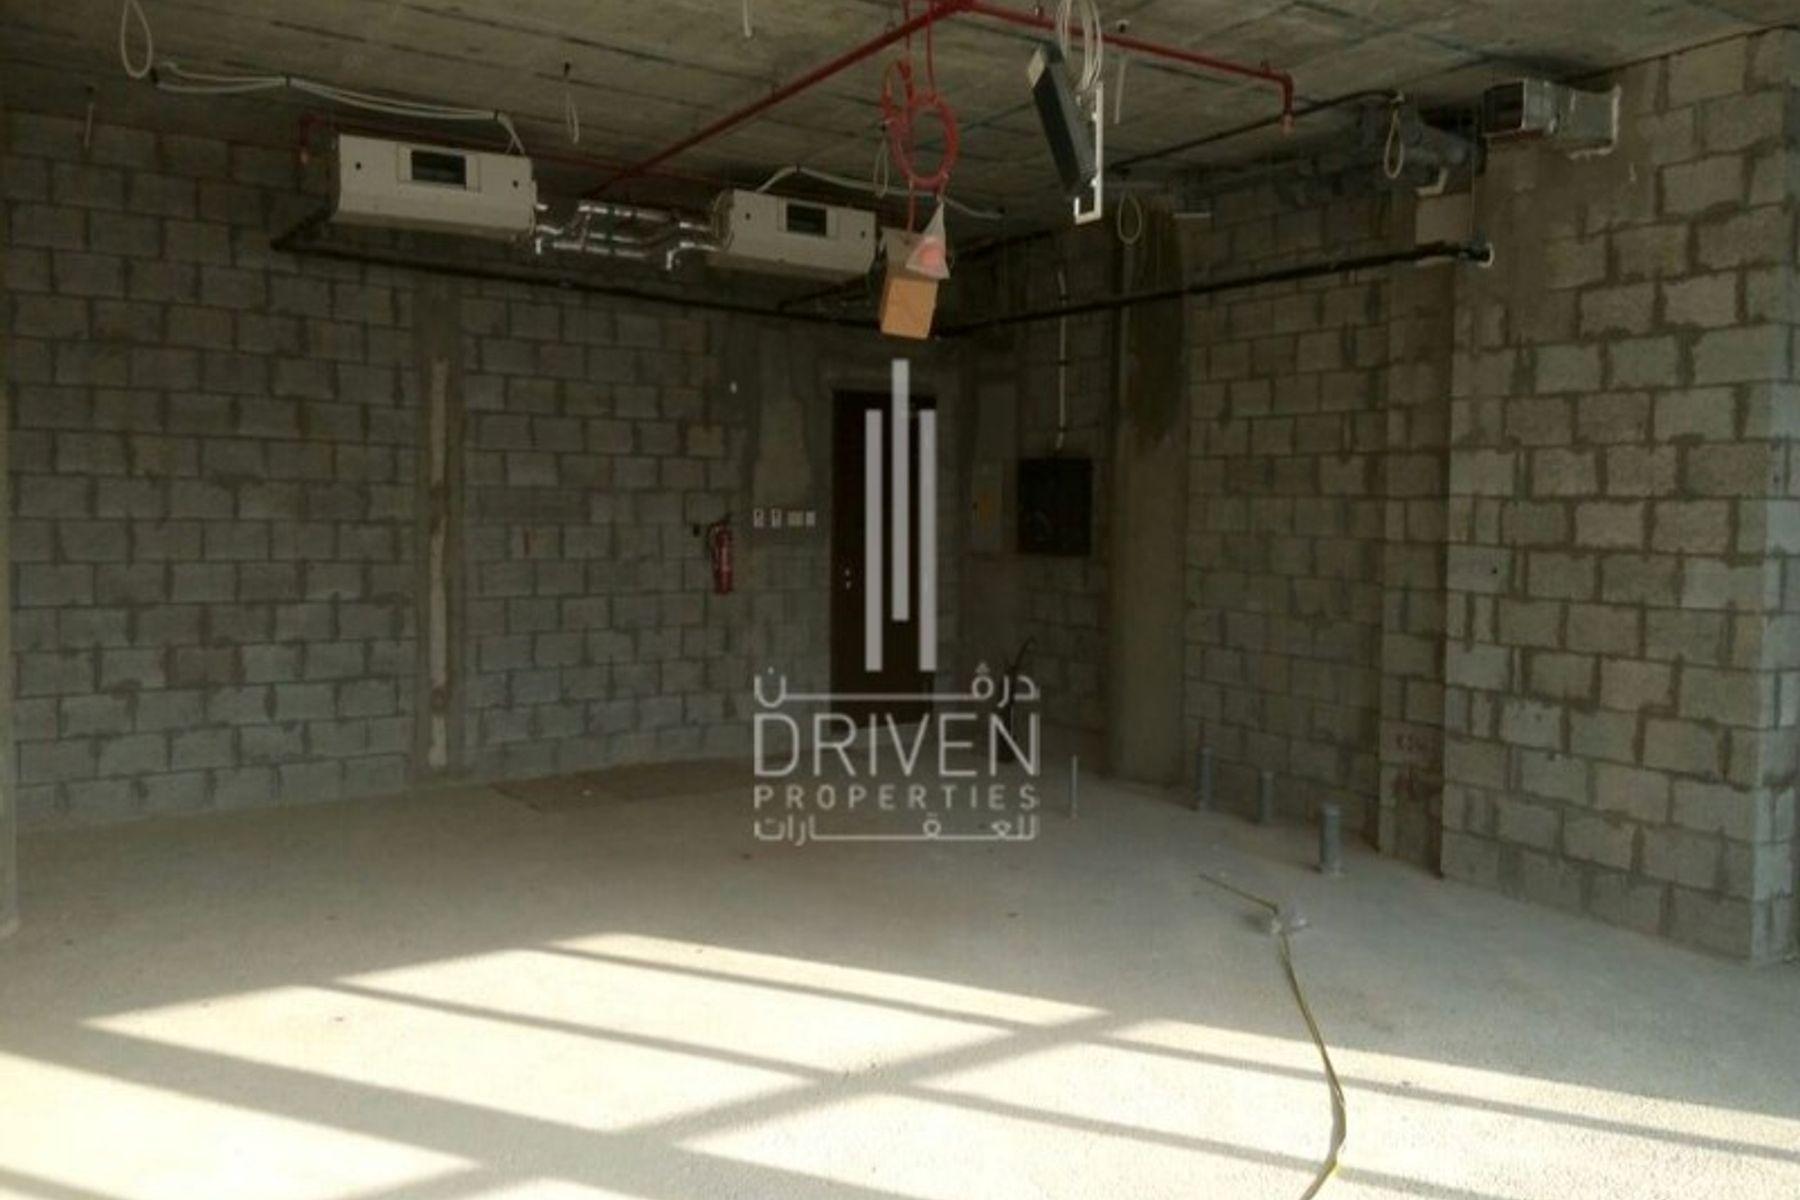 938 قدم مربع  مكتب - للبيع - الخليج التجاري